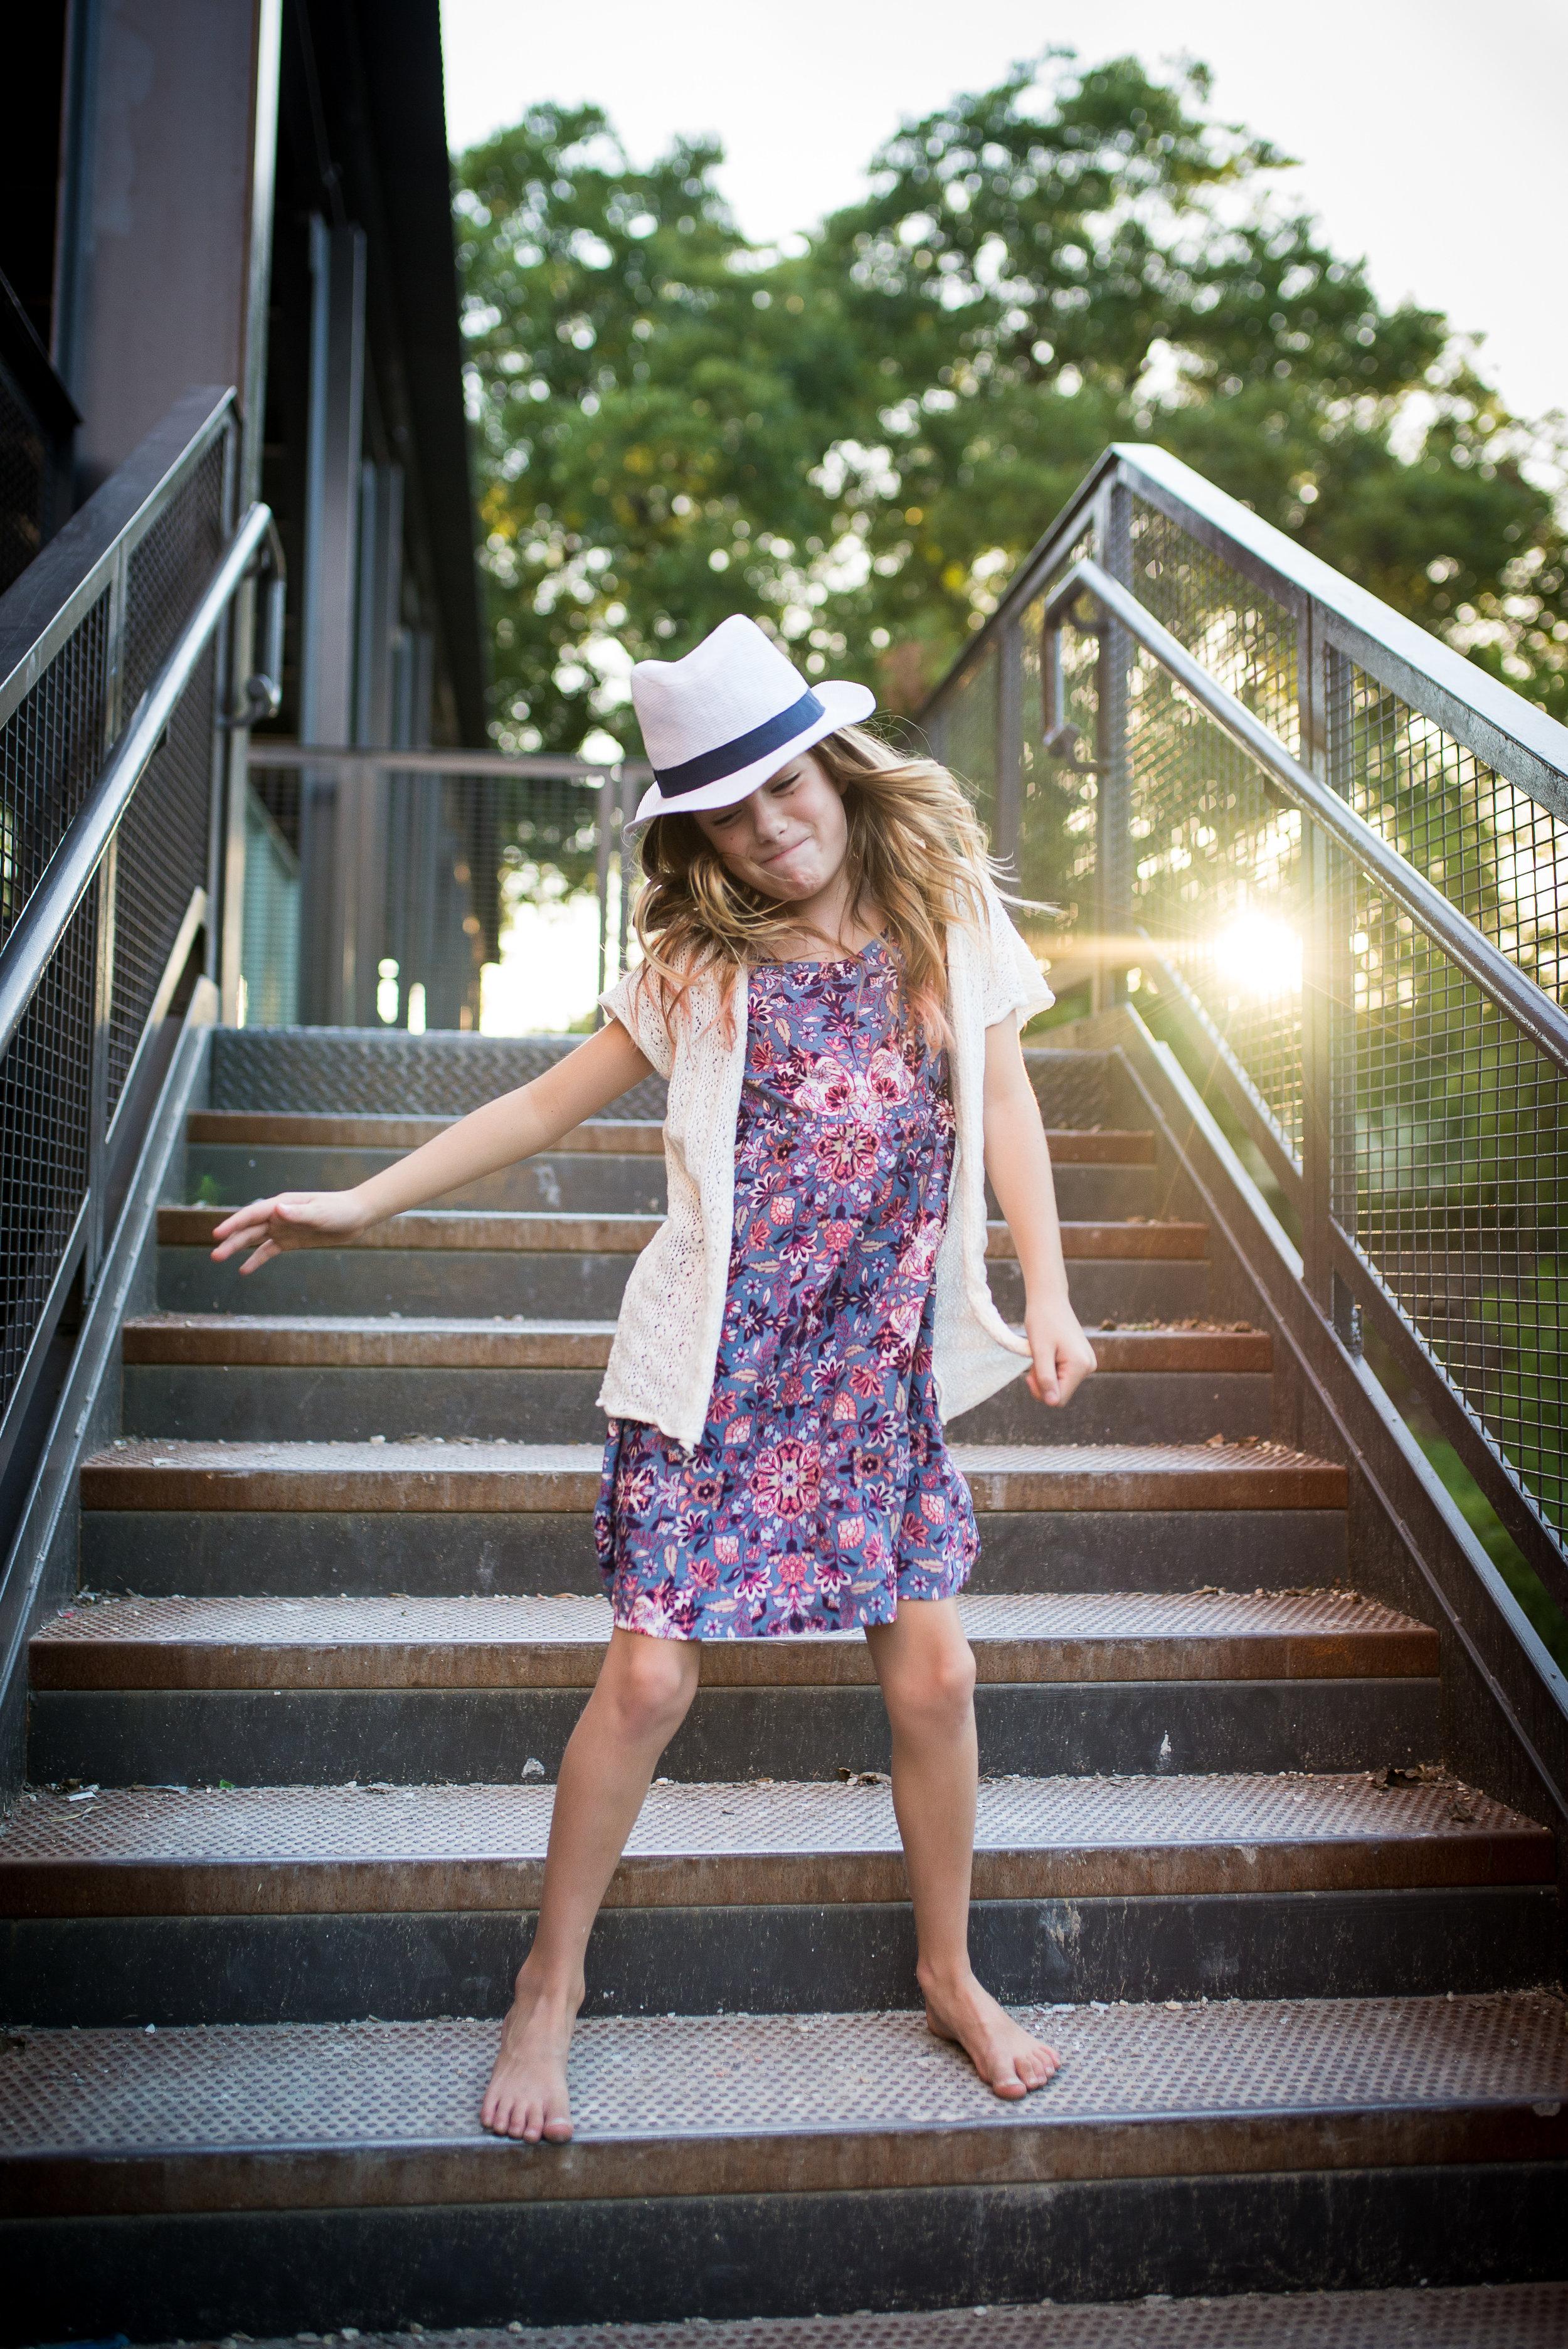 Abby Kennan Photography-San Antonio Family Photographer-The Pearl Photo Session-San Antonio Child Photographer.jpg